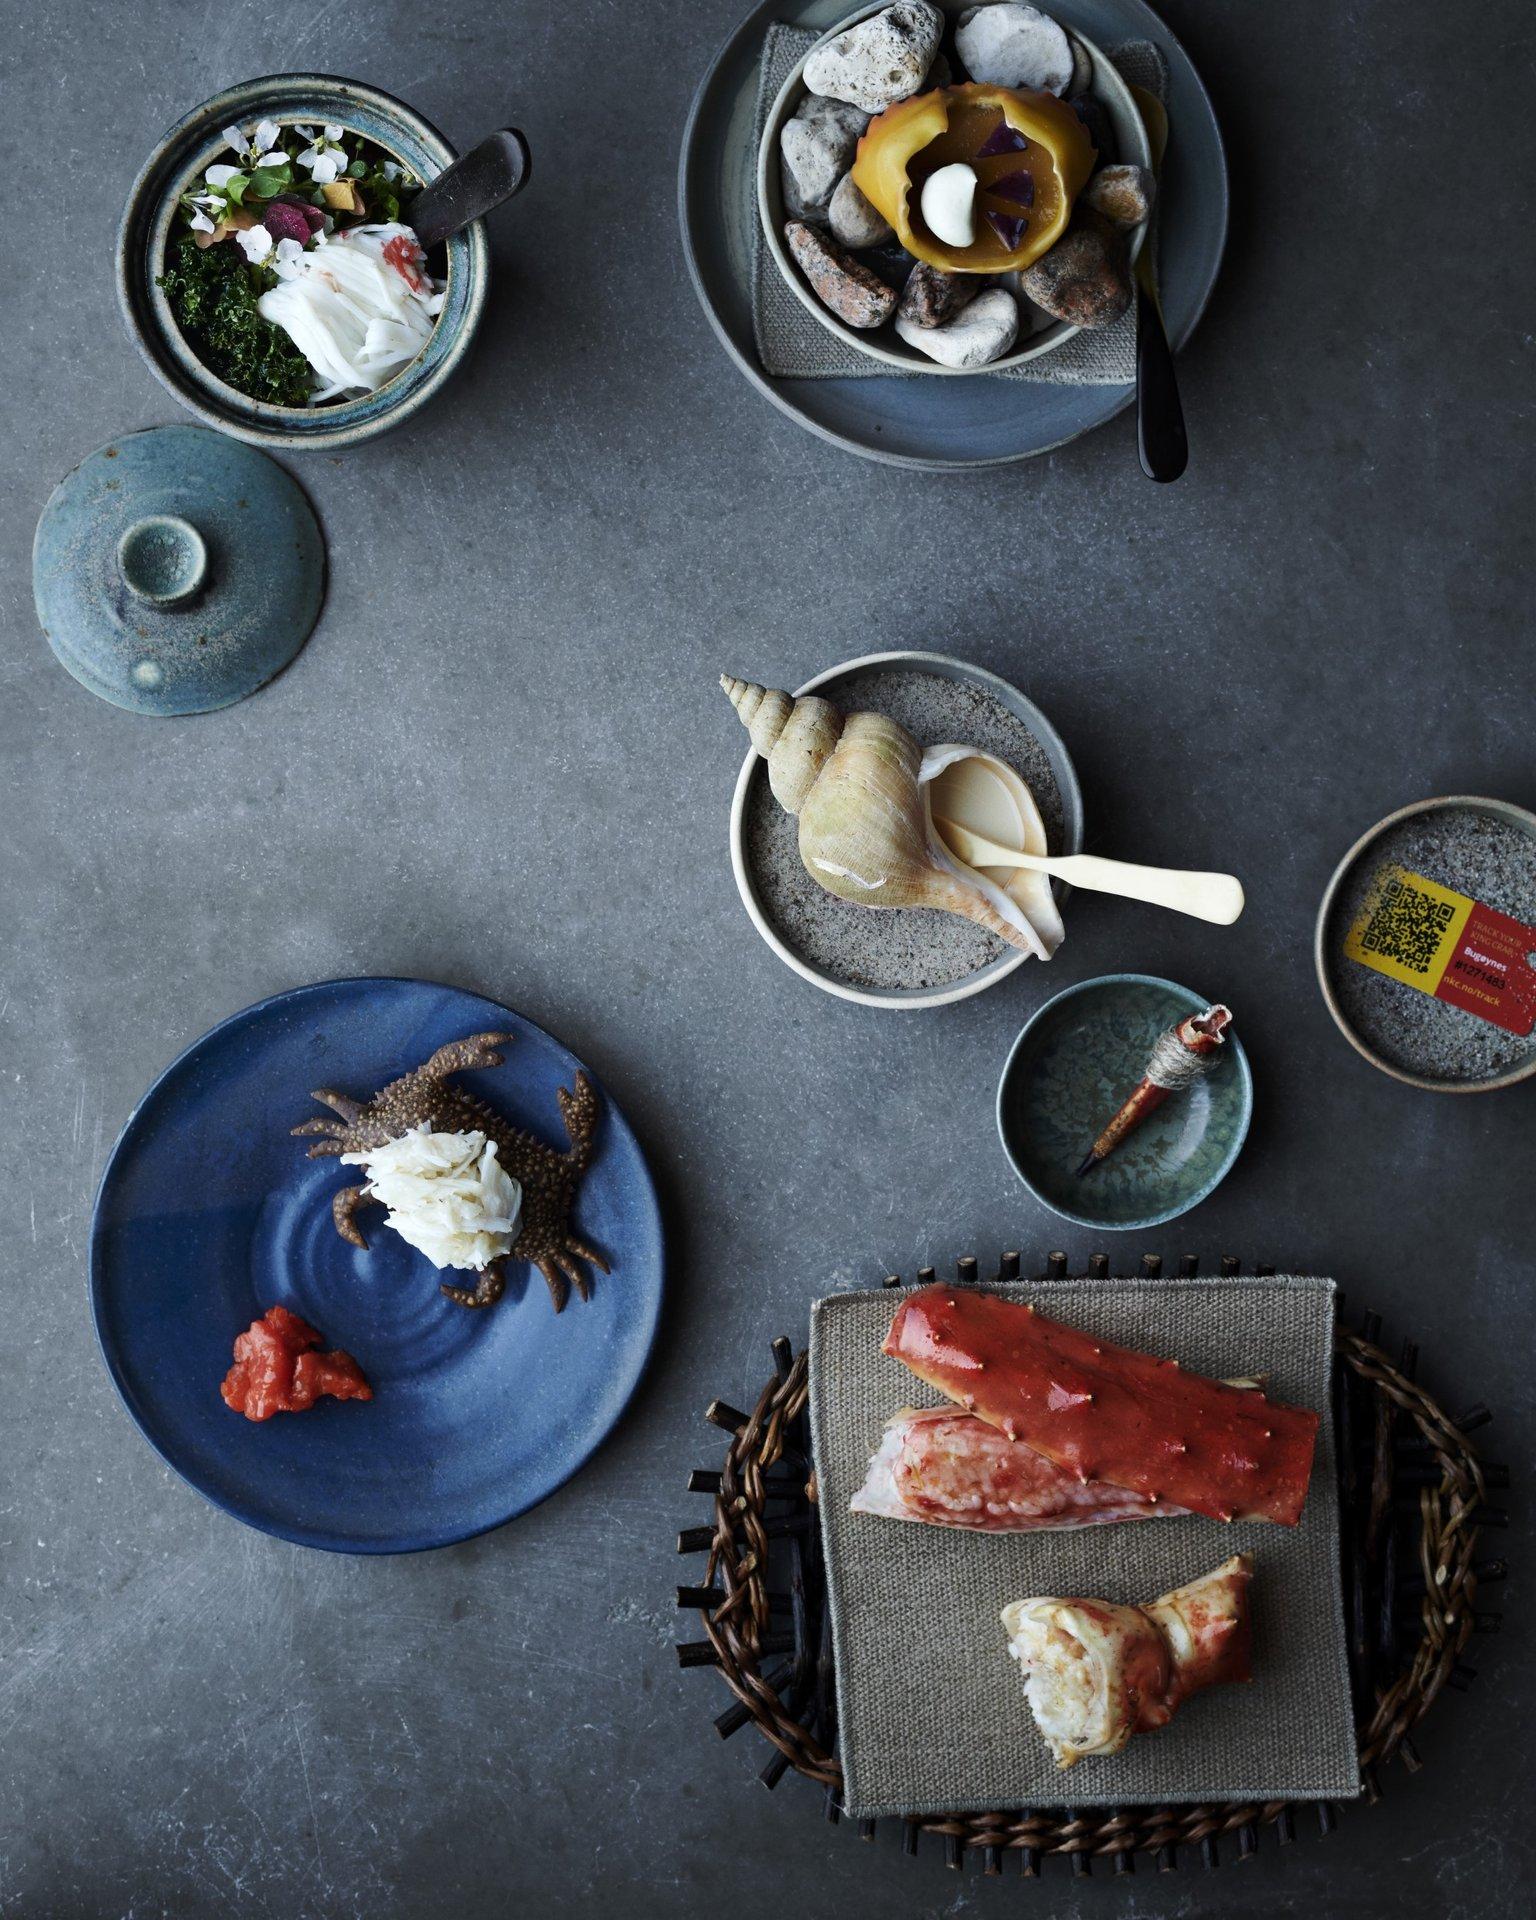 Noma – en sammentrækning af ordene Nordisk Mad – er kåret som verdens bedste restaurant. Klik for at se hele billedet. Arkivpressefoto for Wonderful Copenhagen: Ditte Isager.